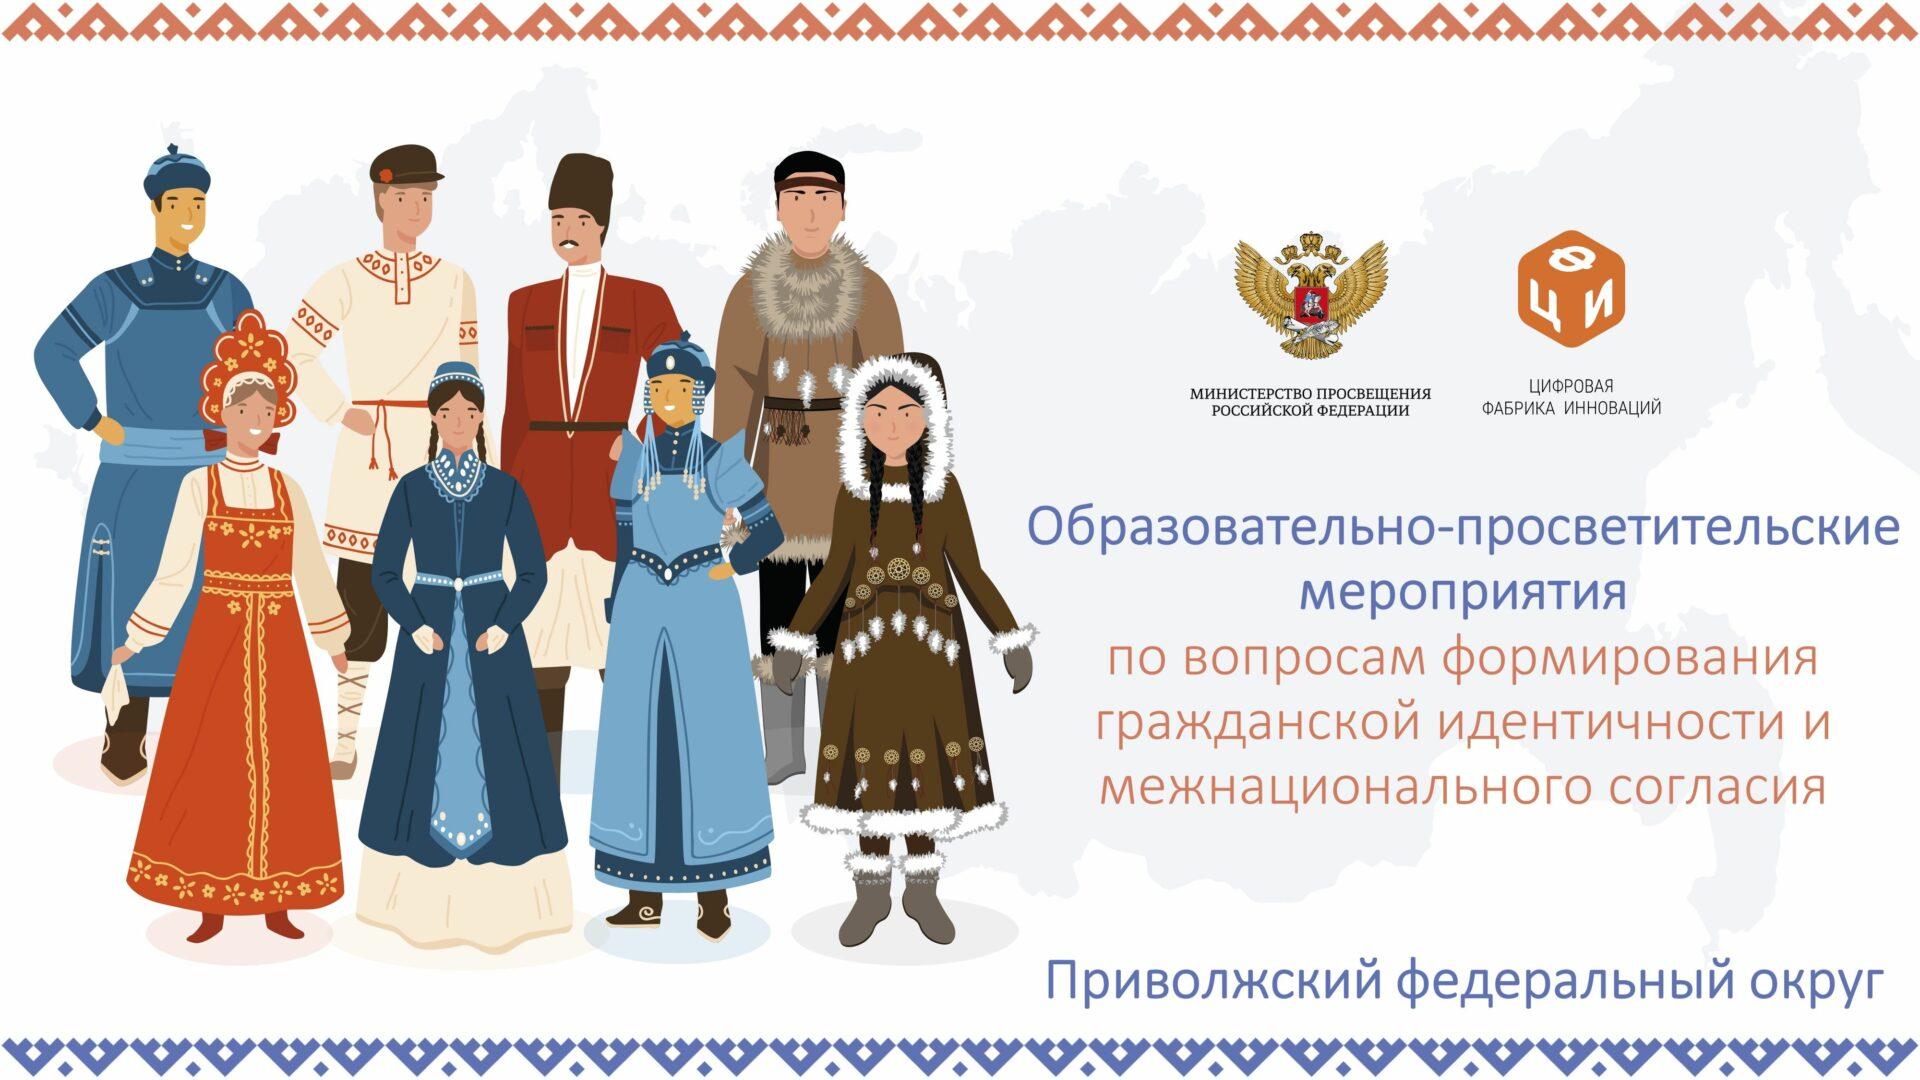 В Пятигорске пройдет серия образовательно-просветительских мероприятий по вопросам формирования гражданской идентичности и межнационального согласия